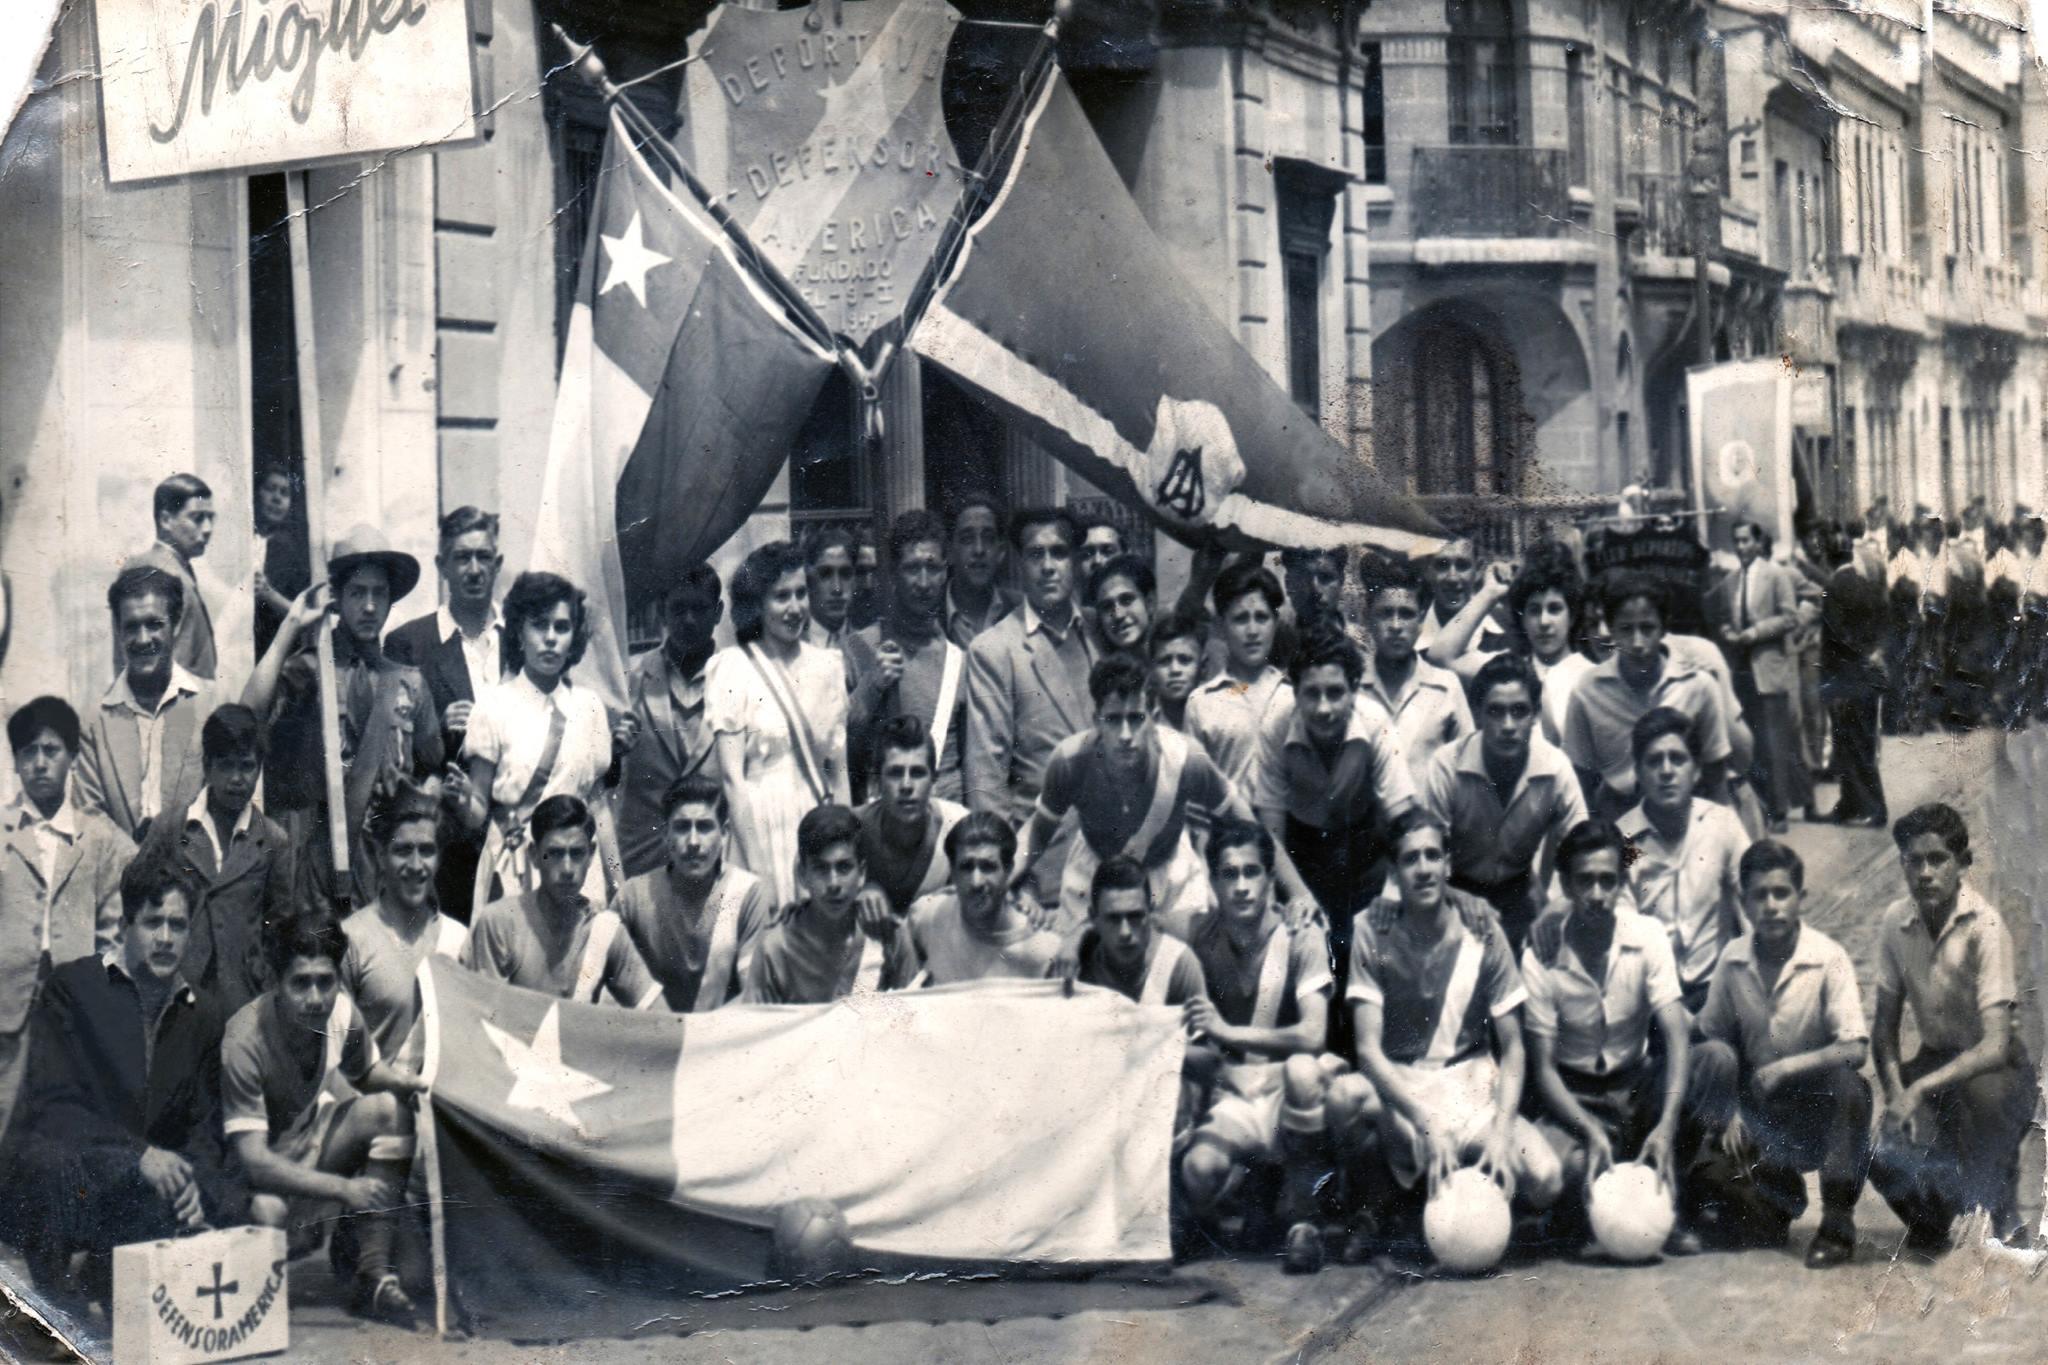 Enterreno - Fotos históricas de chile - fotos antiguas de Chile - Club Defensor América en Santiago, 1947